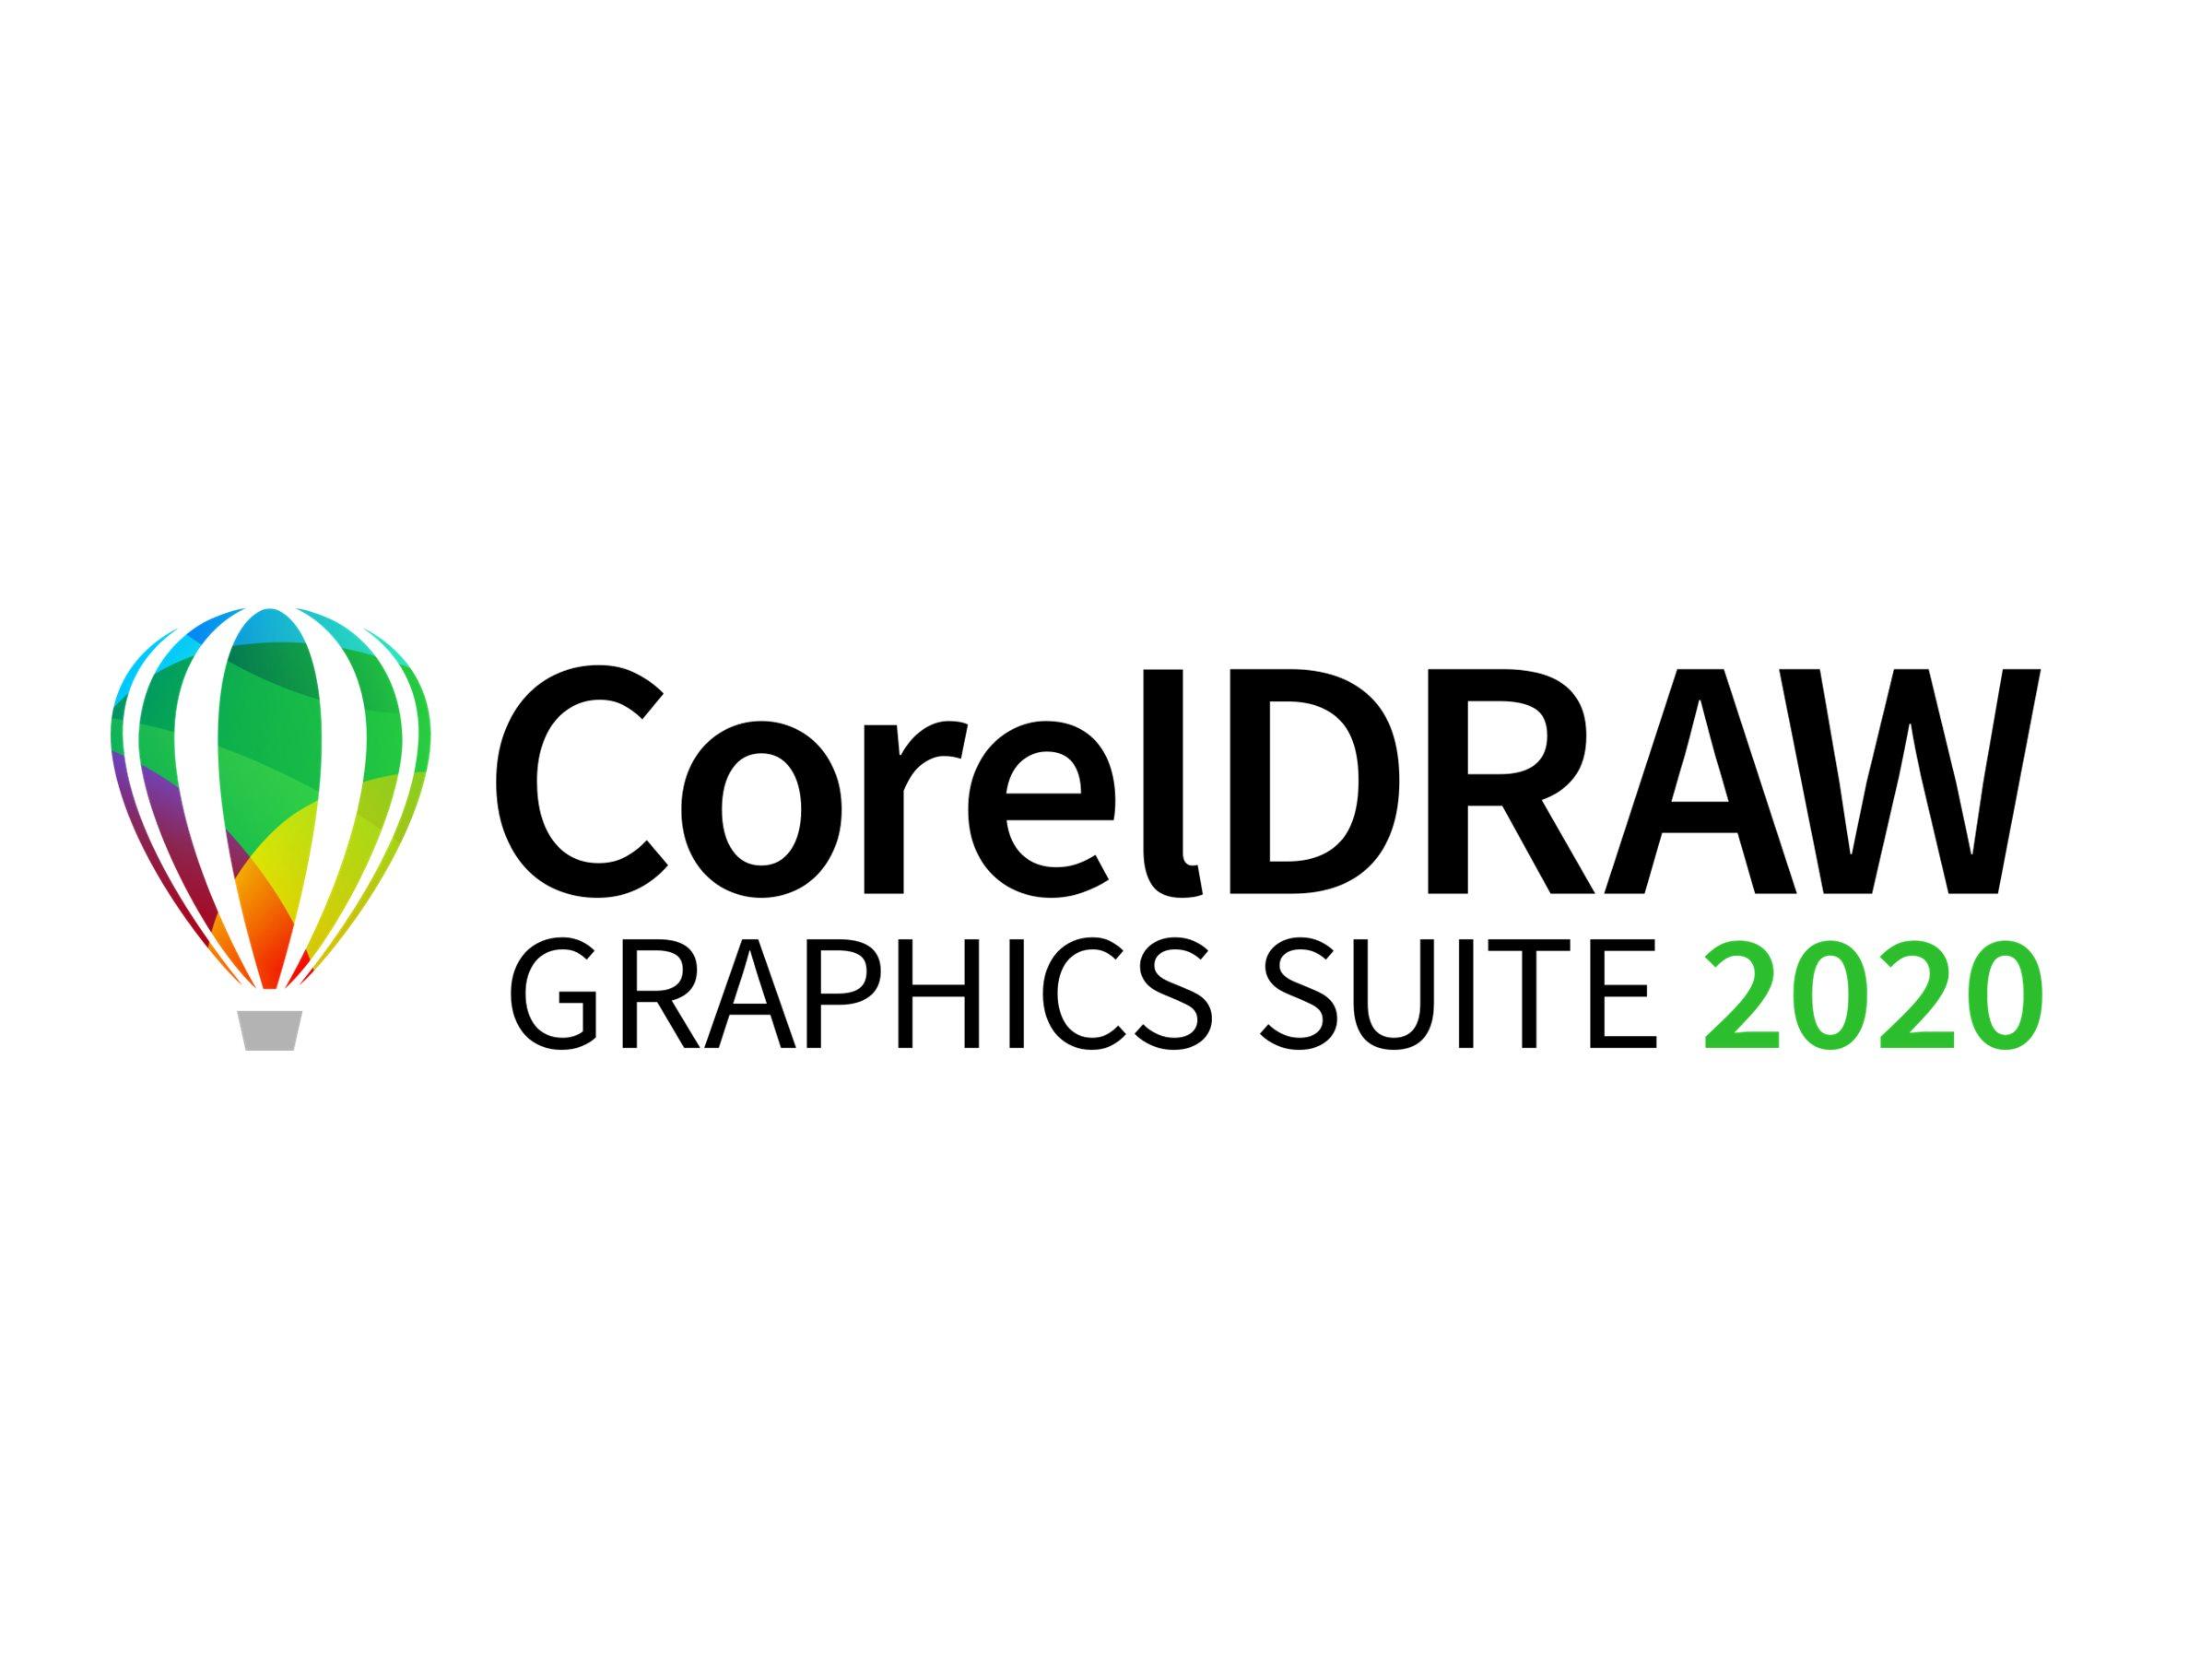 CorelDRAW Graphics Suite 2020 - Lizenz - 1 Benutzer - Win - Englisch, Deutsch, Französisch